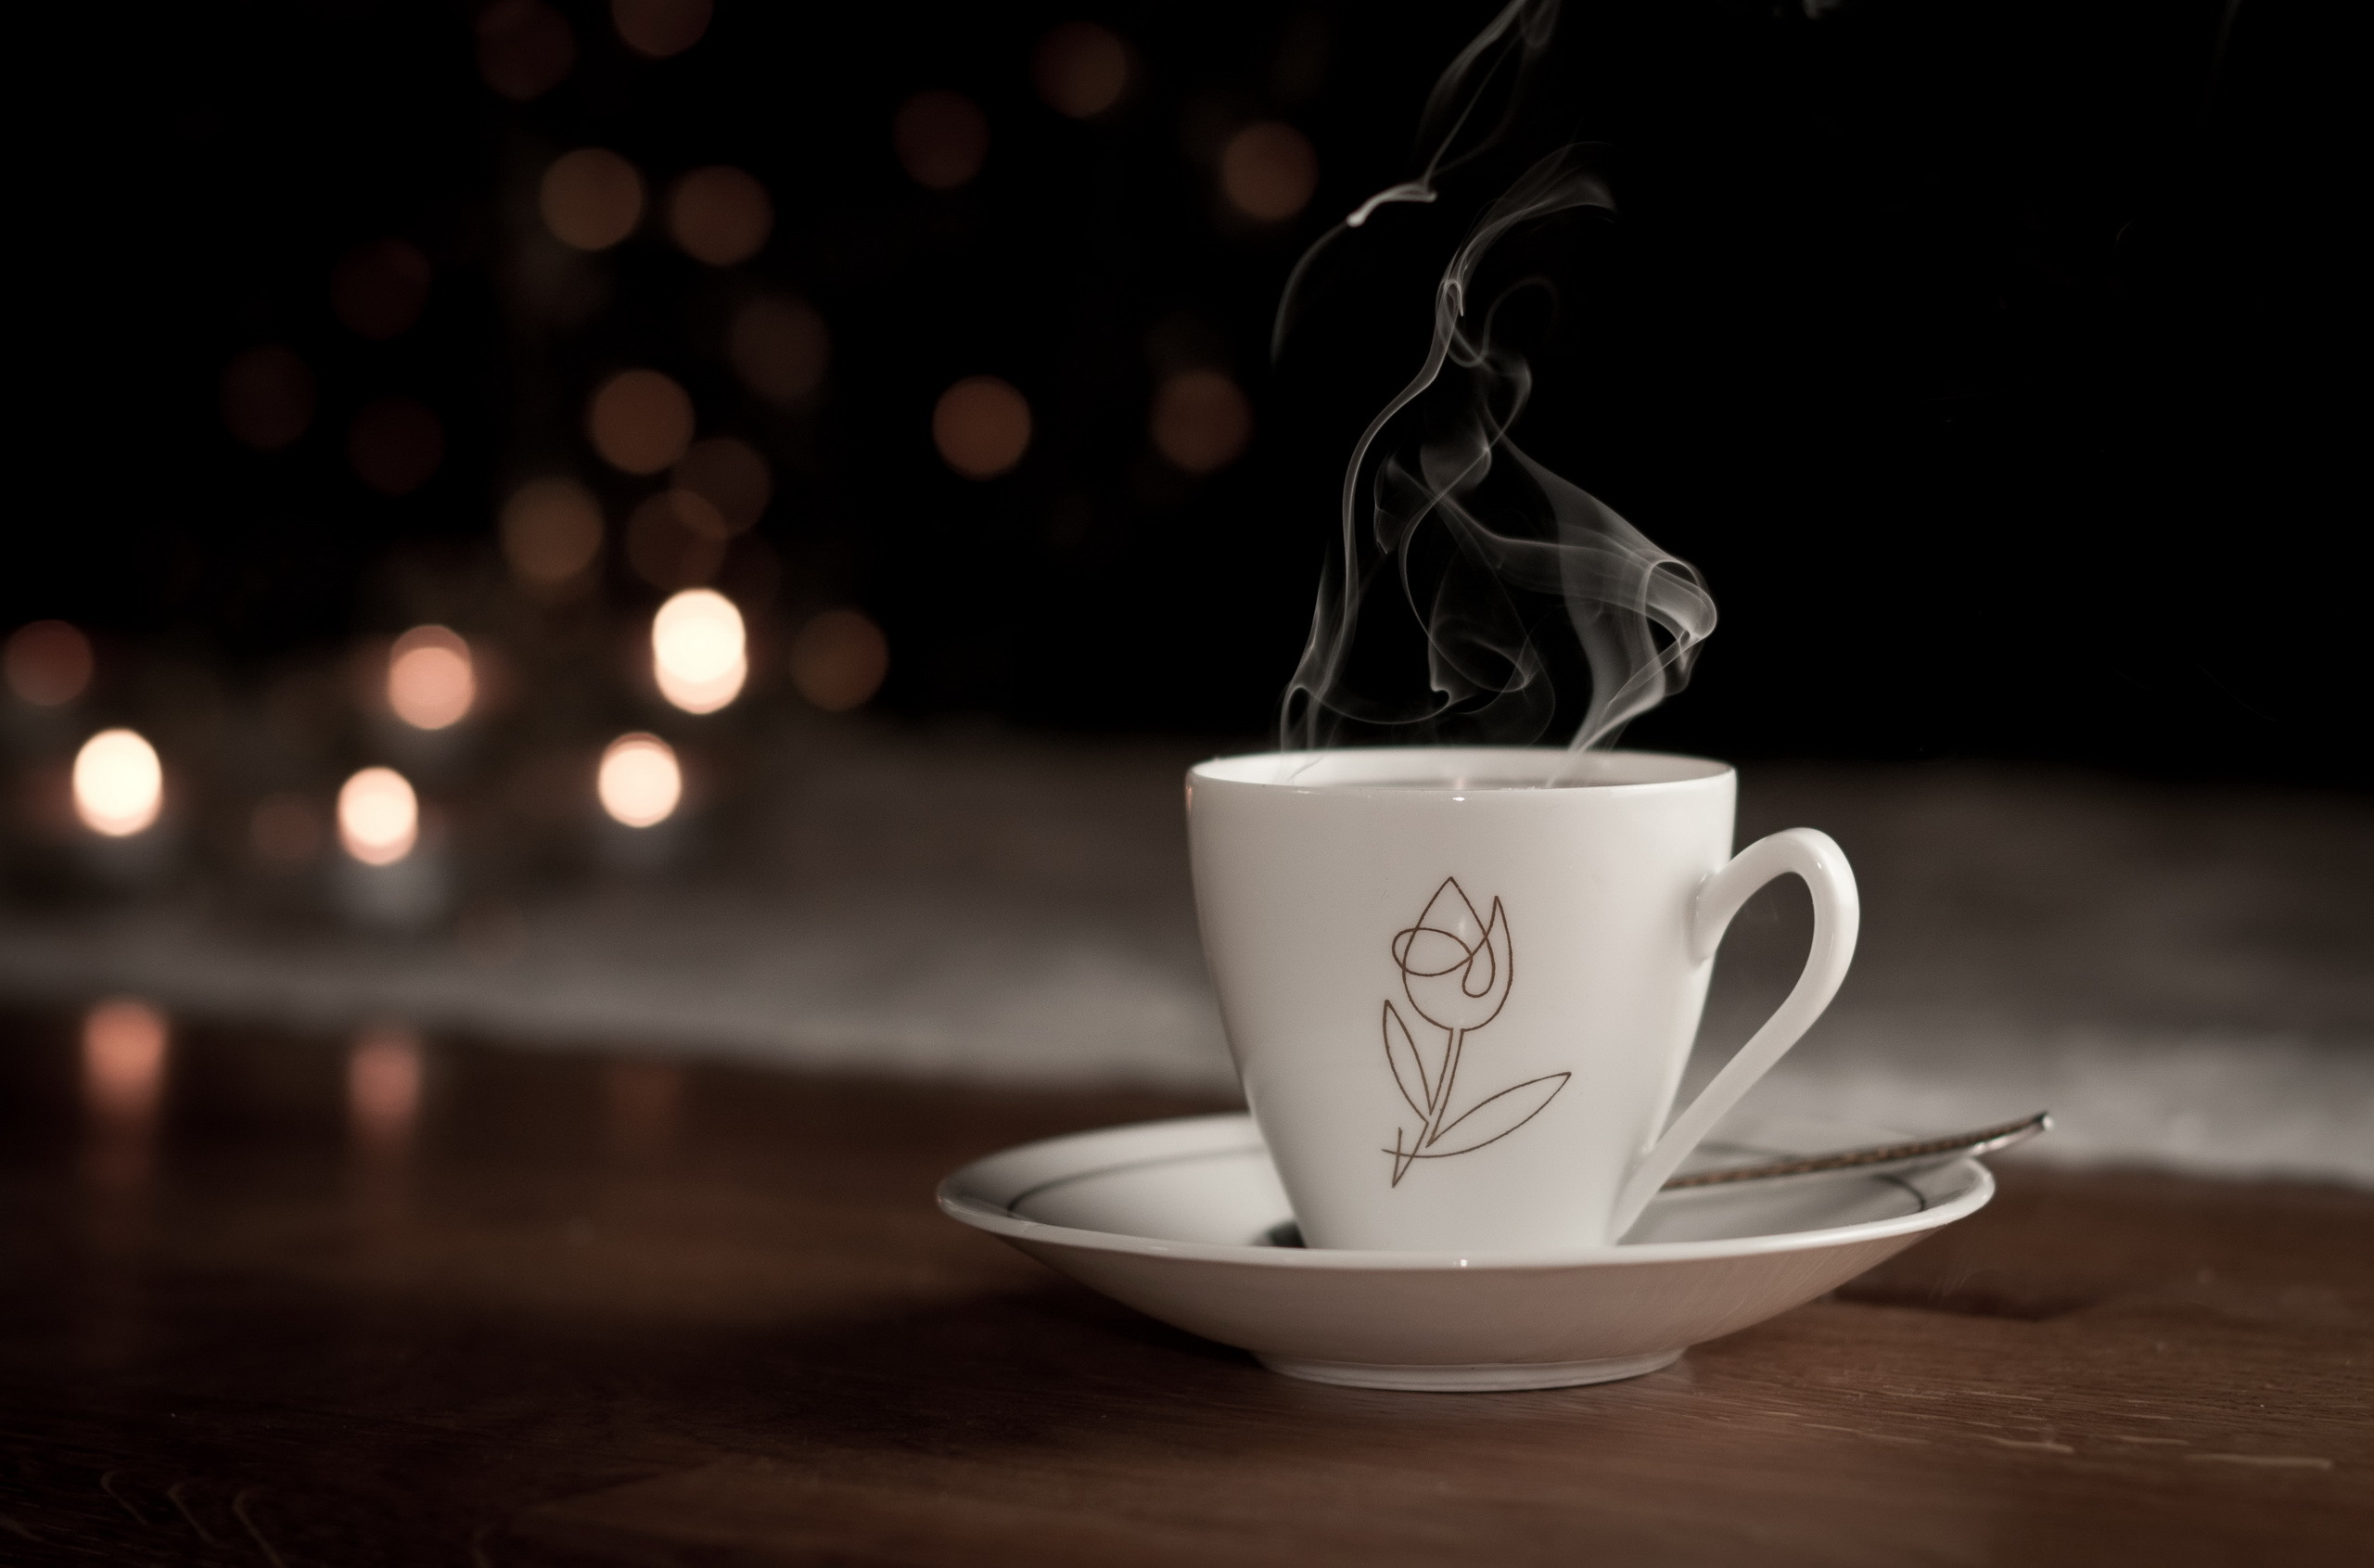 Белая чашка на фоне огней  № 2121544 без смс